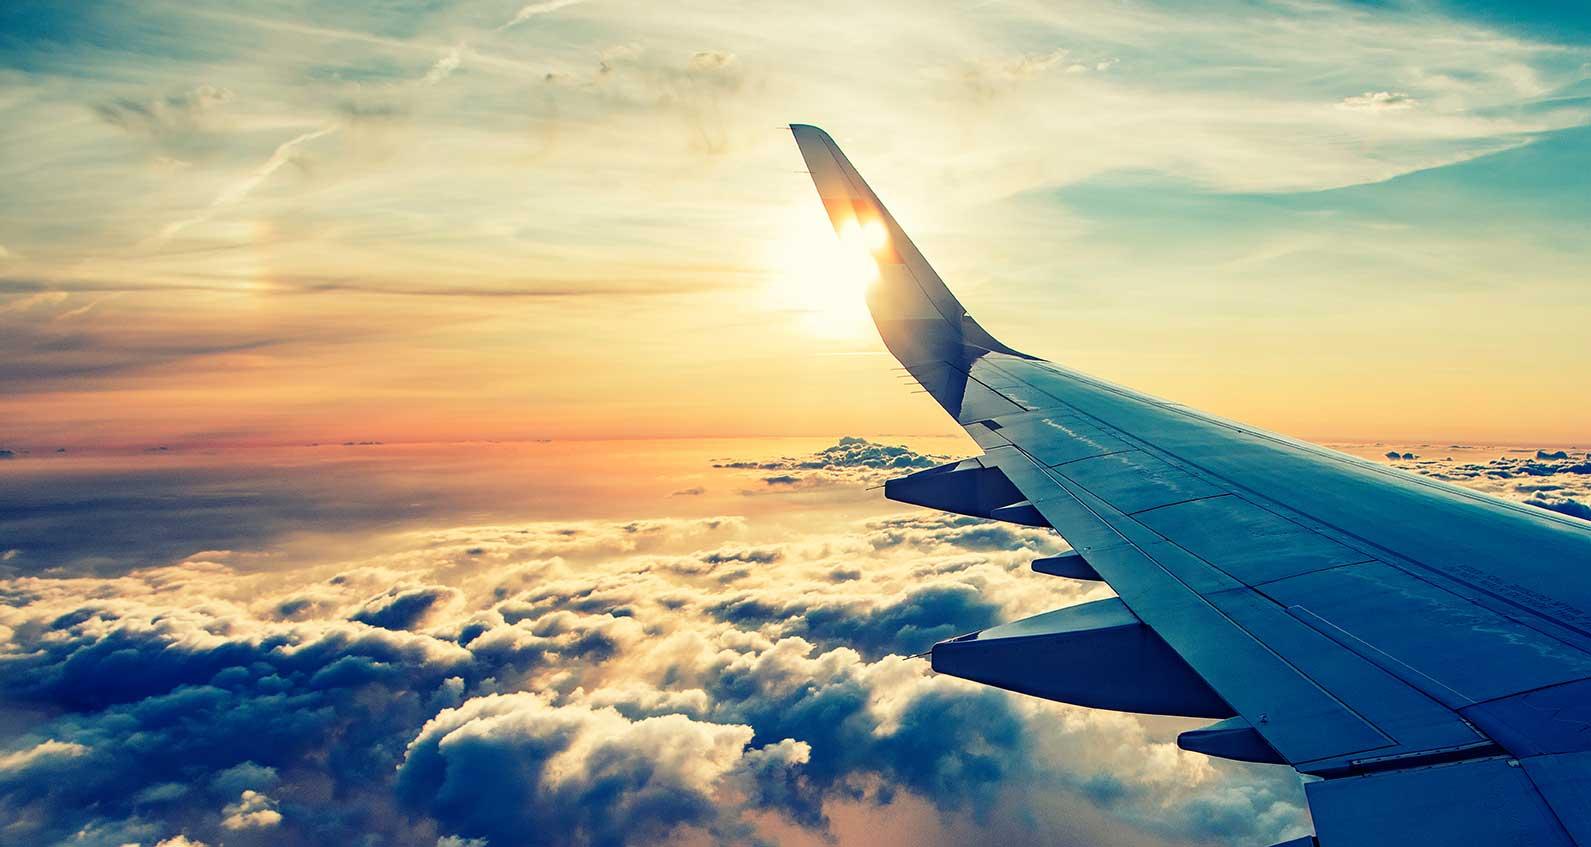 ¿Puede un meteorito impactar contra un avión comercial?